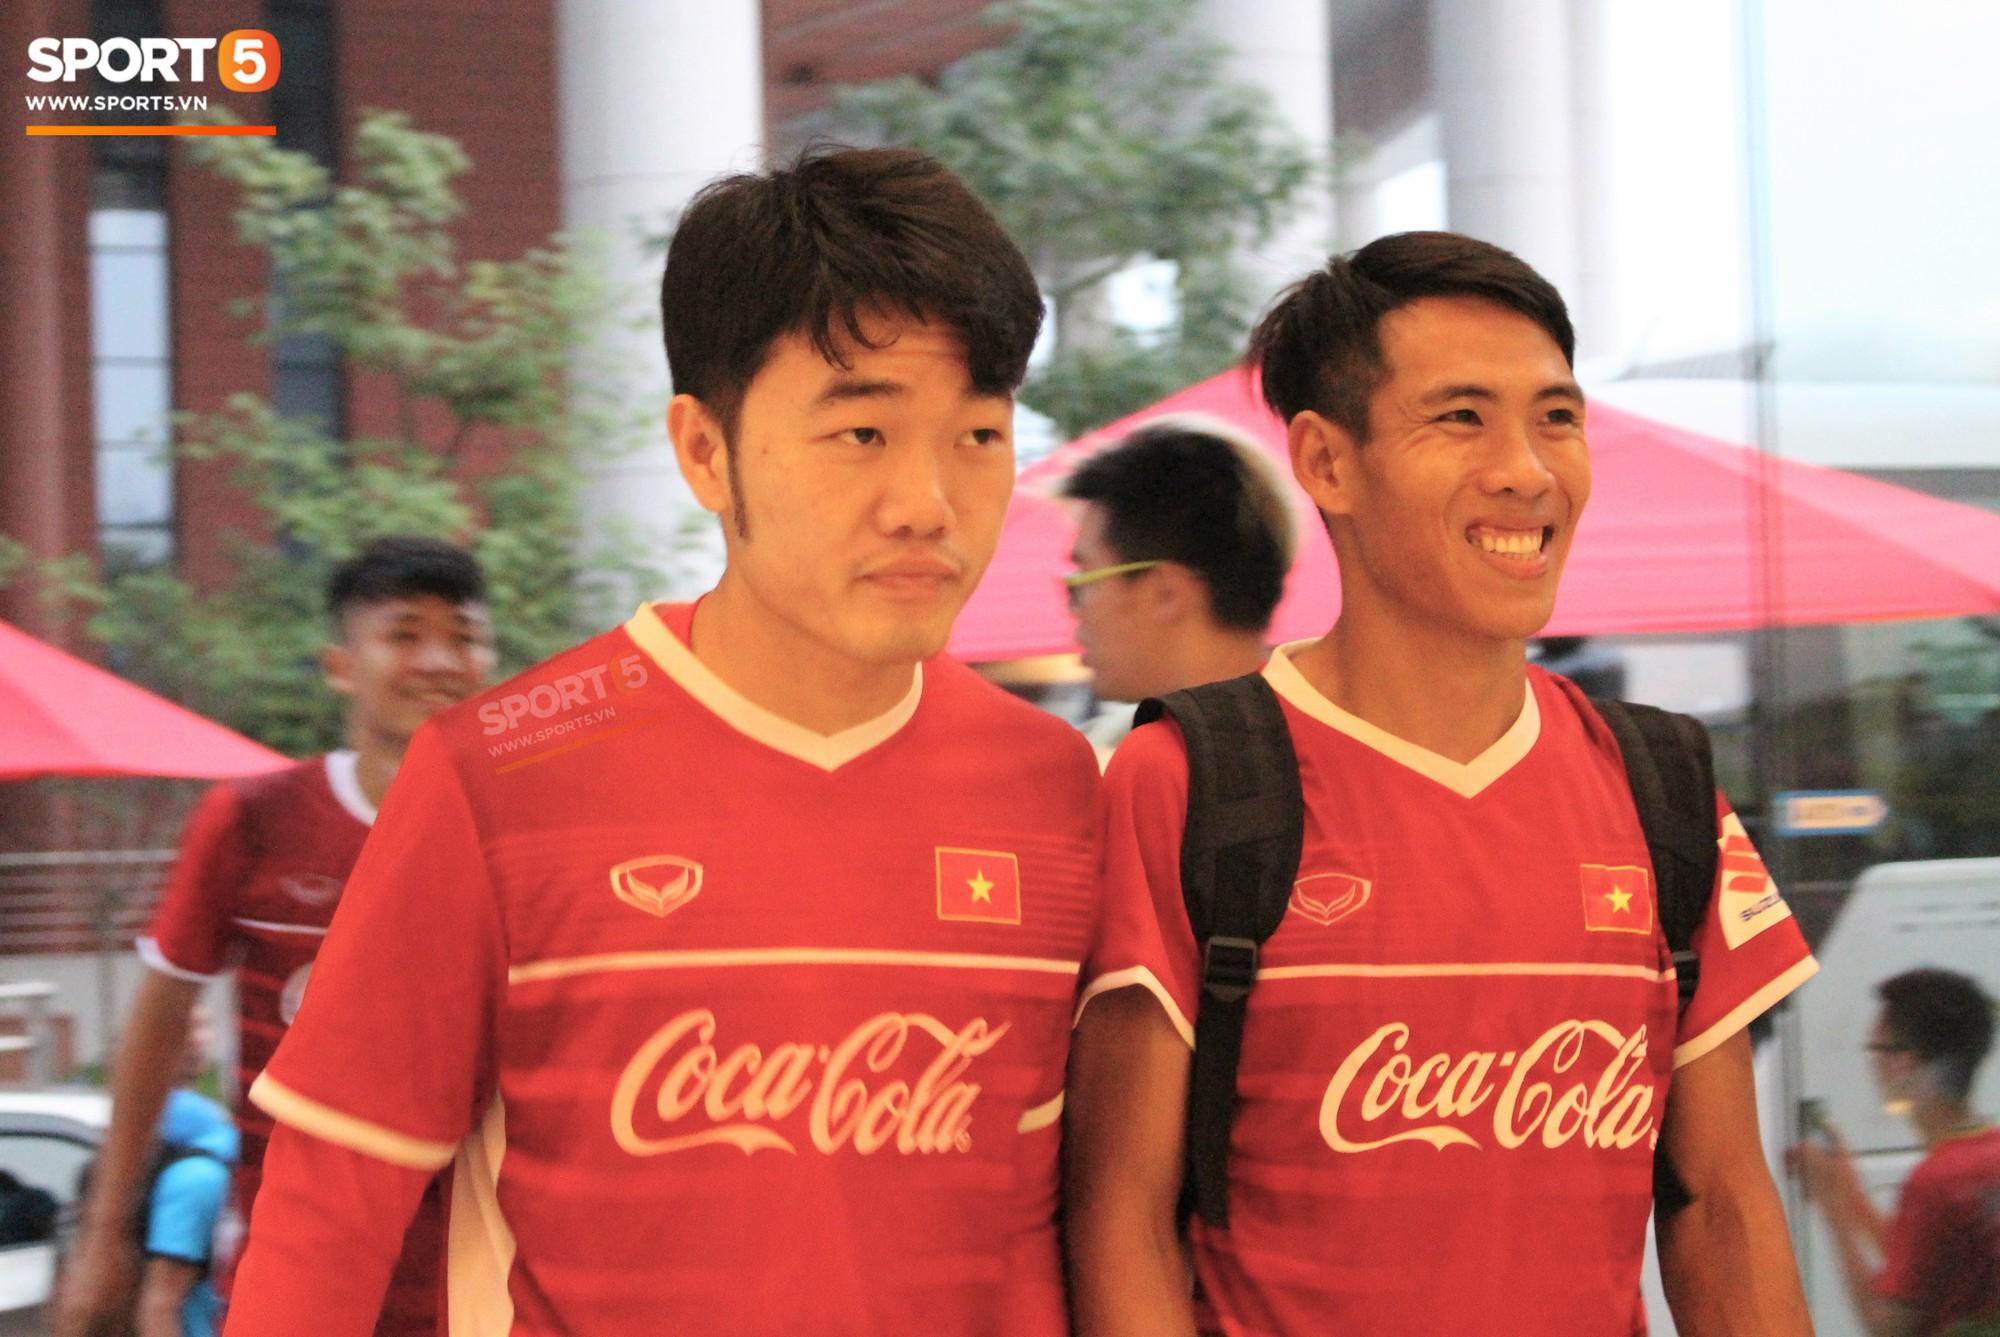 Hà Đức Chinh kêu trời vì đau bụng sau buổi tập đầu tiên cùng đội tuyển Việt Nam chuẩn bị cho AFF Cup 2018 - Ảnh 10.